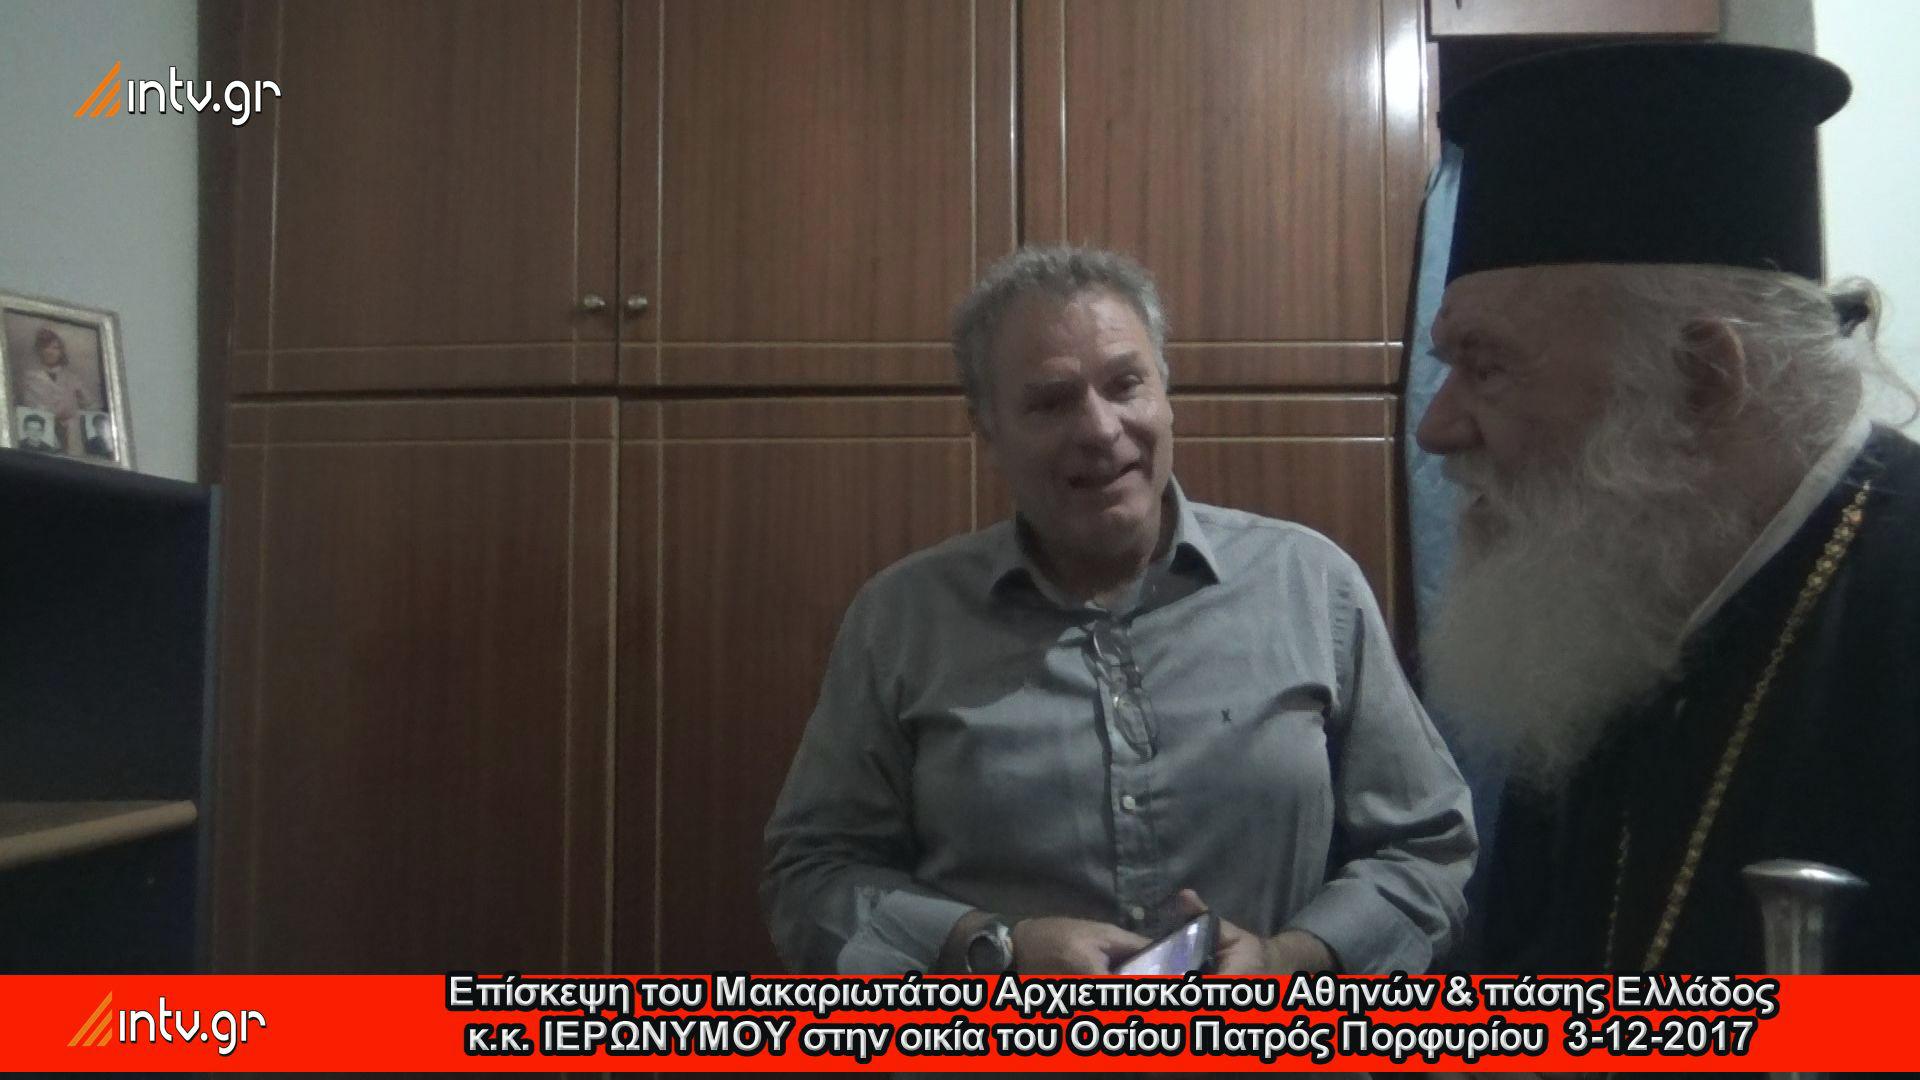 Επίσκεψη του Μακαριωτάτου Αρχιεπισκόπου Αθηνών & πάσης Ελλάδος κ.κ. ΙΕΡΩΝΥΜΟΥ στην οικία του Οσίου Πατρός Πορφυρίου